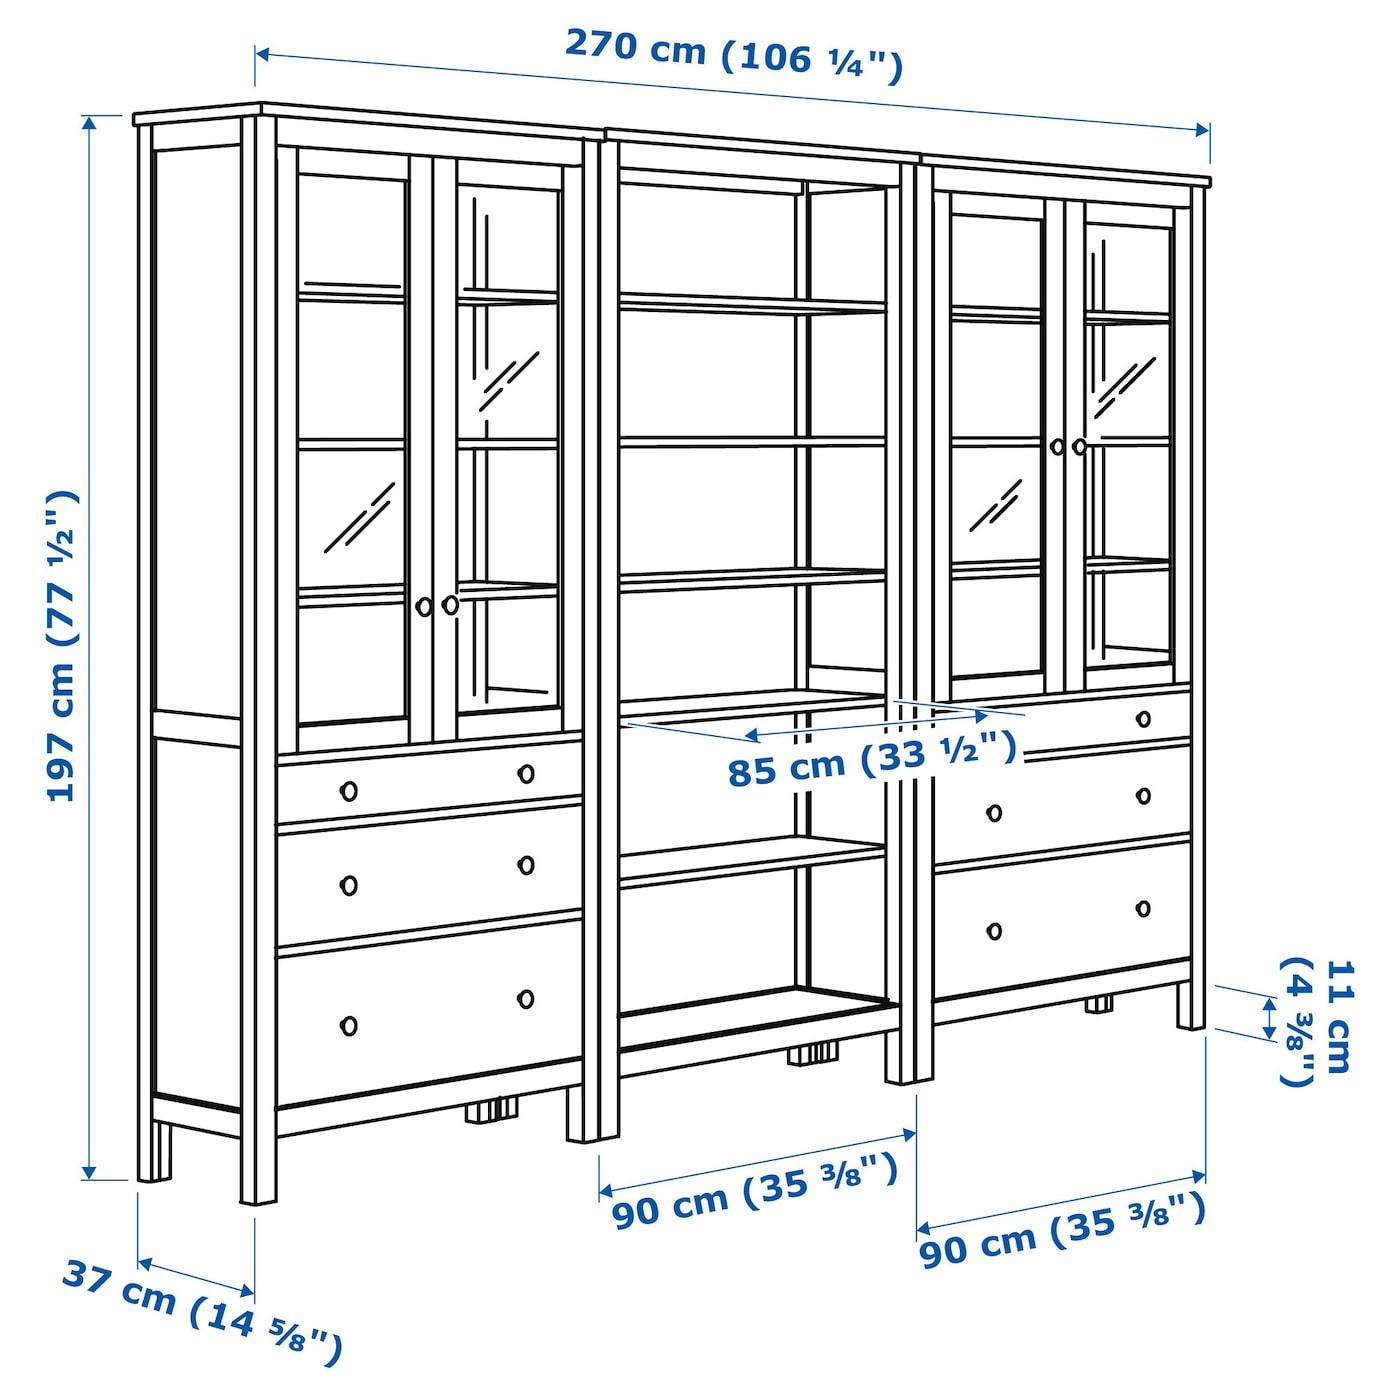 HEMNES Förvaringskombination+dörrarlådor svartbrun 270x197 cm